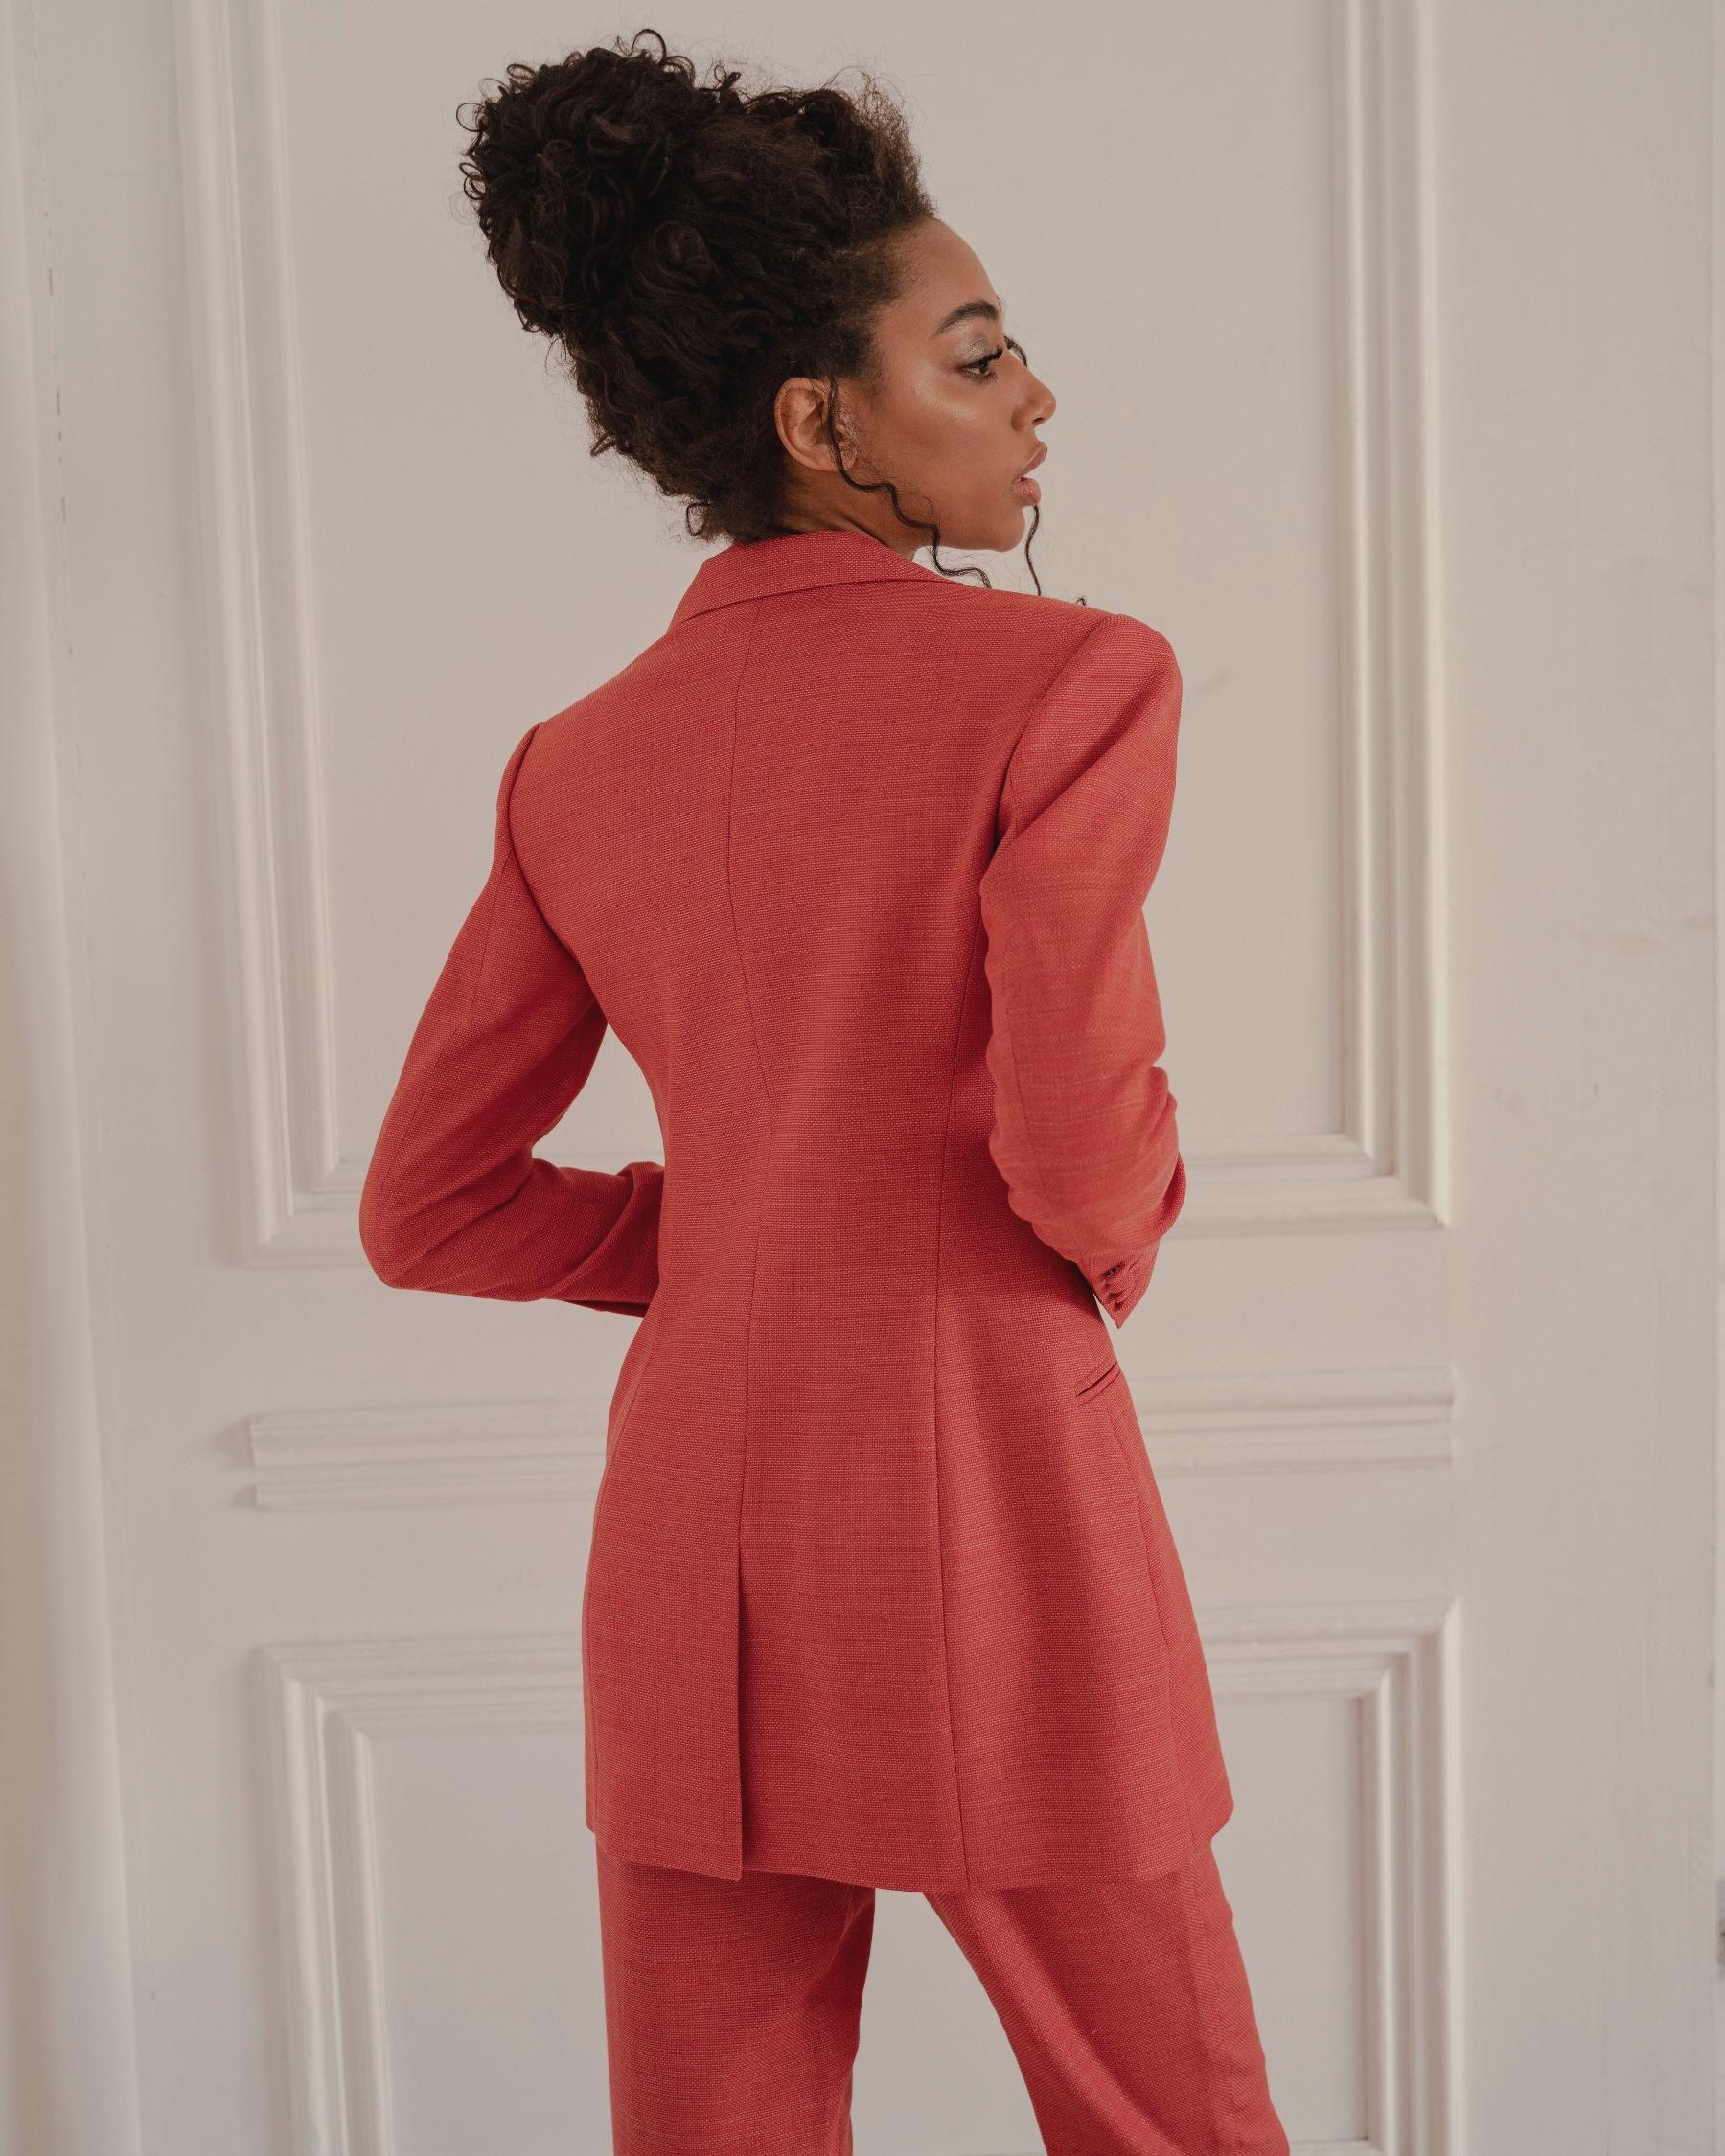 Терракотово-красный костюм из тонкой костюмной шерсти с красным кантом